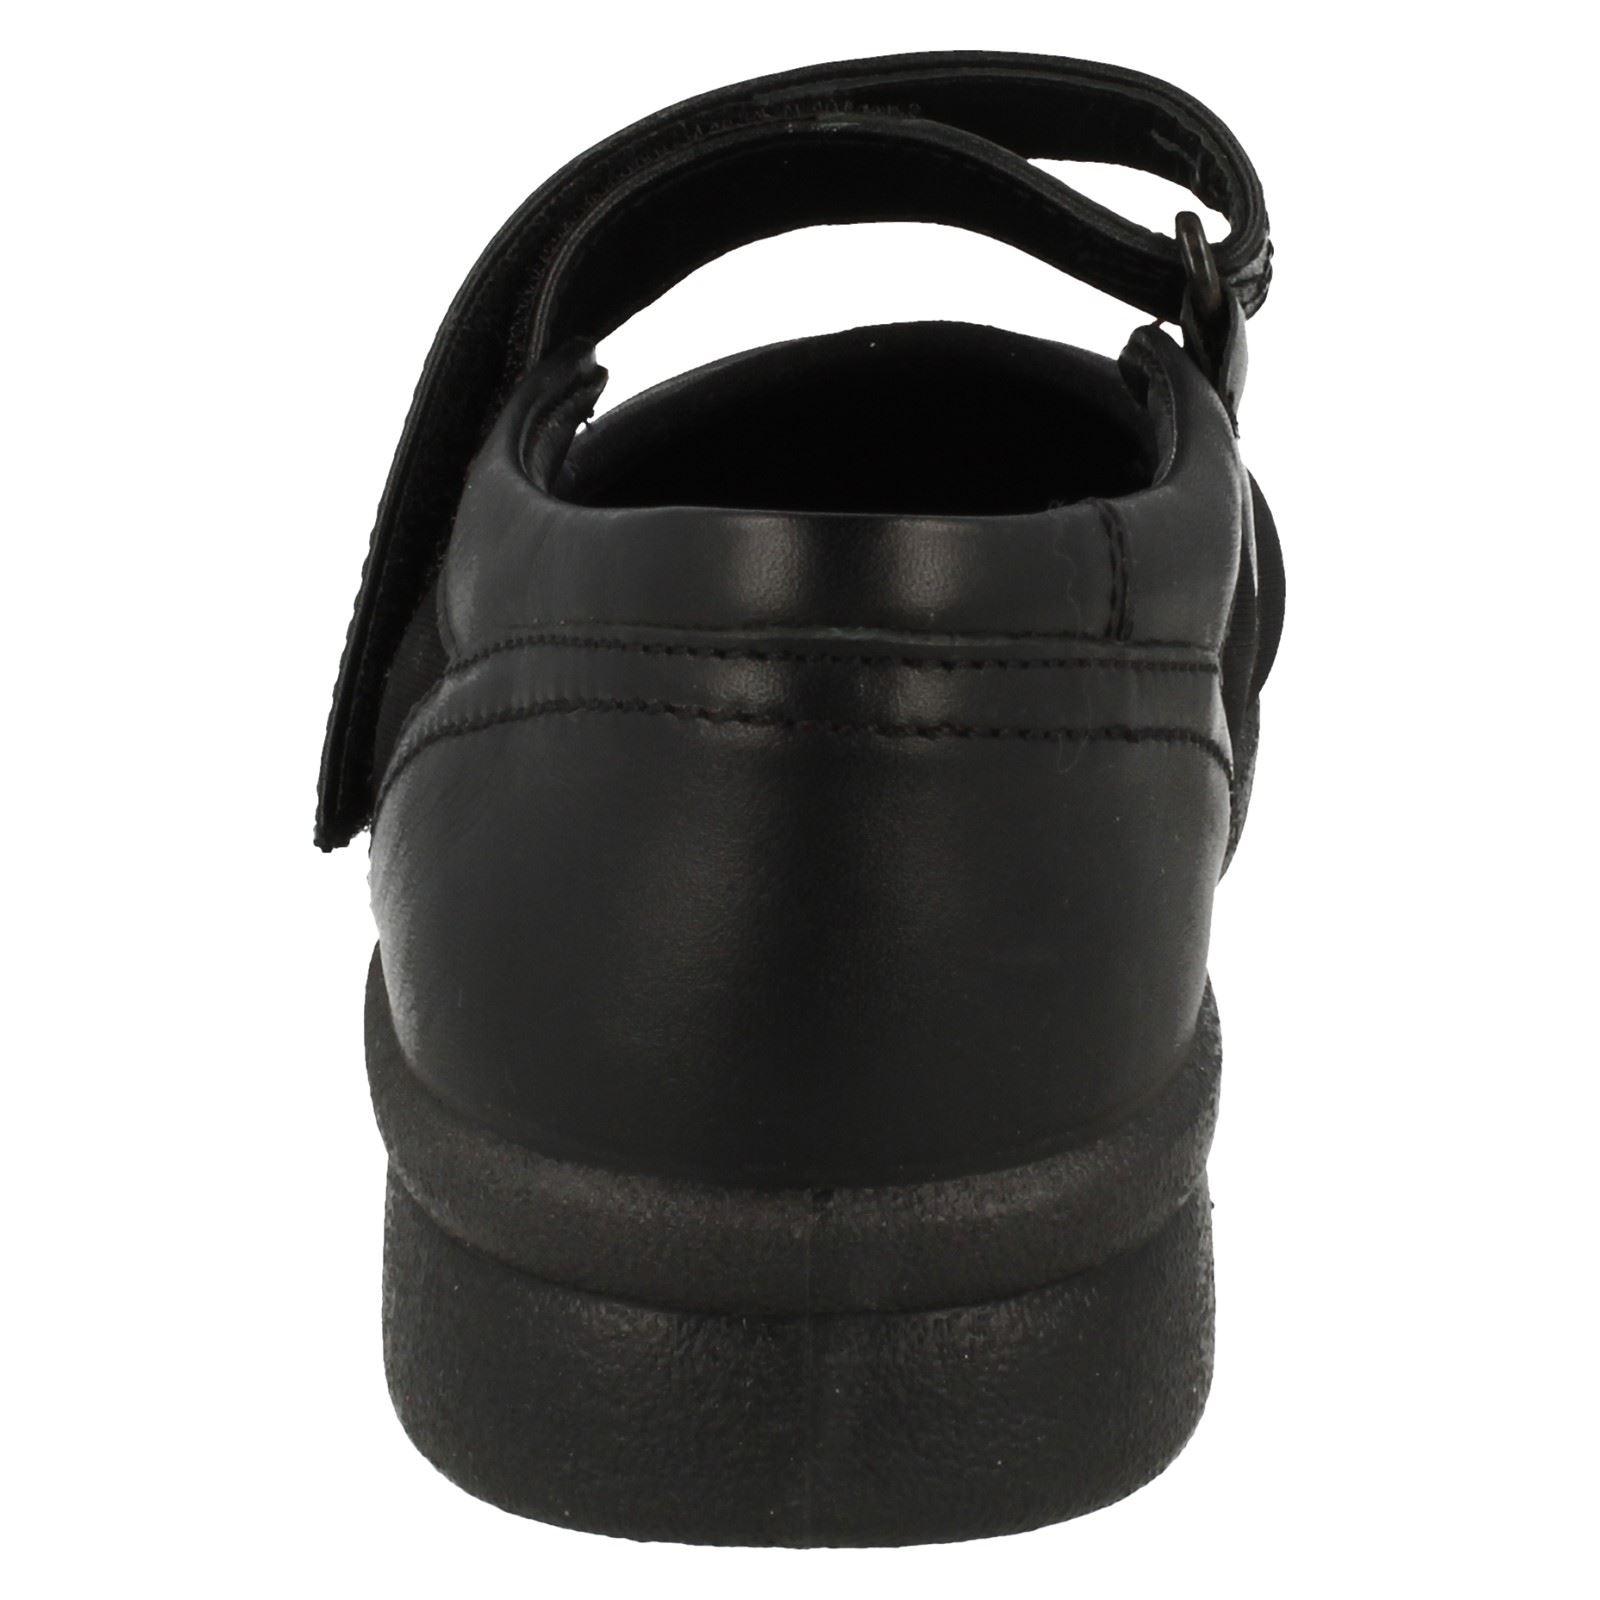 Padders Donna DUAL Vestibilità Ampia Vestibilità Scarpe Di Pelle-Sprite Pelle-Sprite Pelle-Sprite 2 | Delicato  f8d639